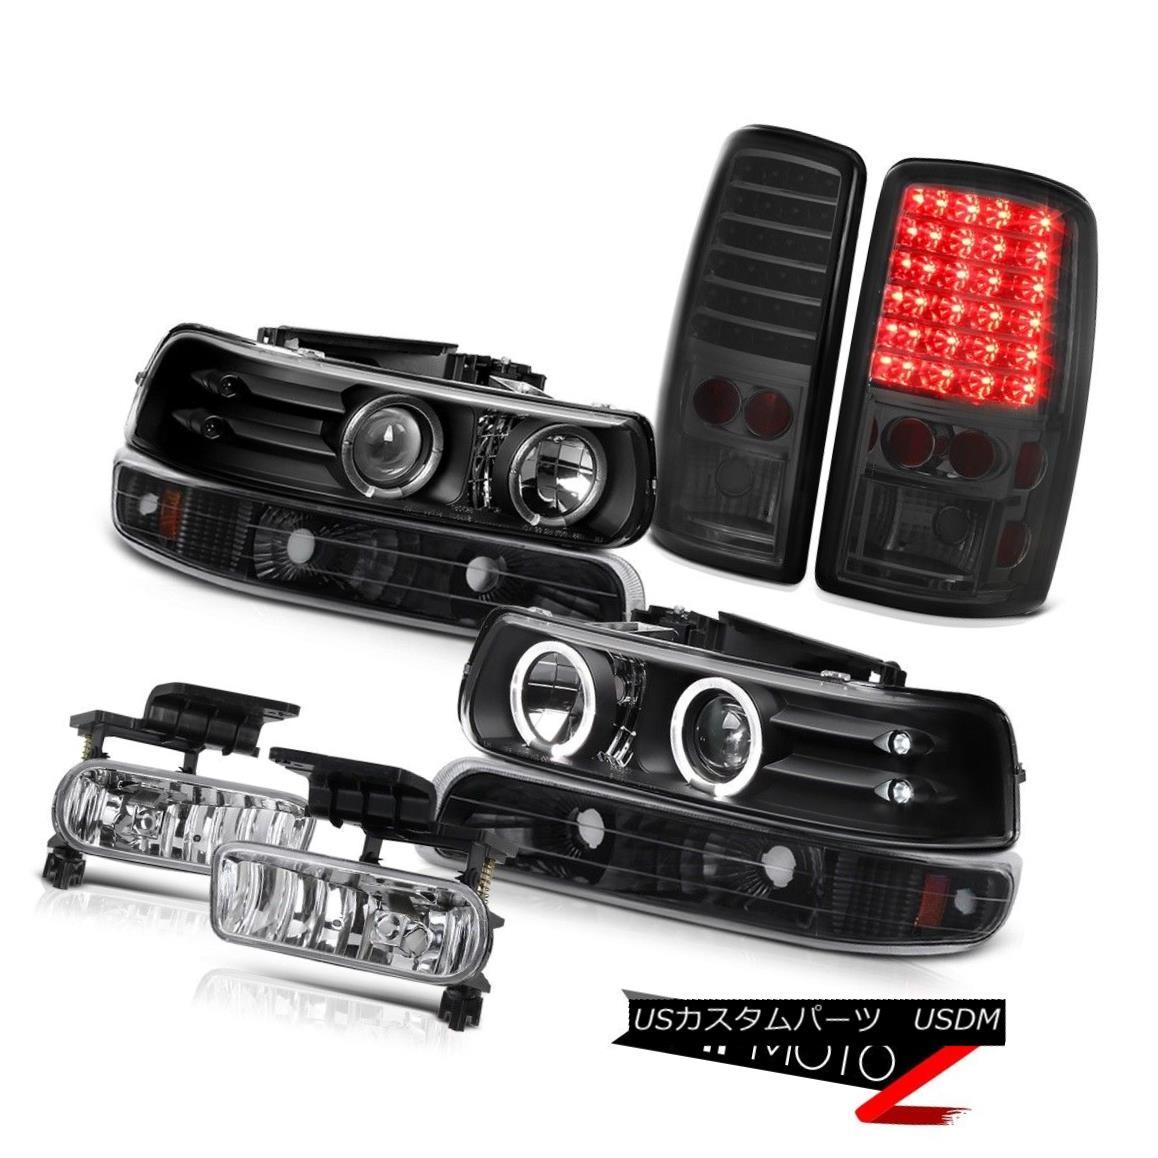 テールライト Dual Halo Headlights Black Bumper Tail Lights LED Tint Fog 2000-06 Suburban デュアルヘイローヘッドライトブラックバンパーテールライトLED Tint Fog 2000-06郊外